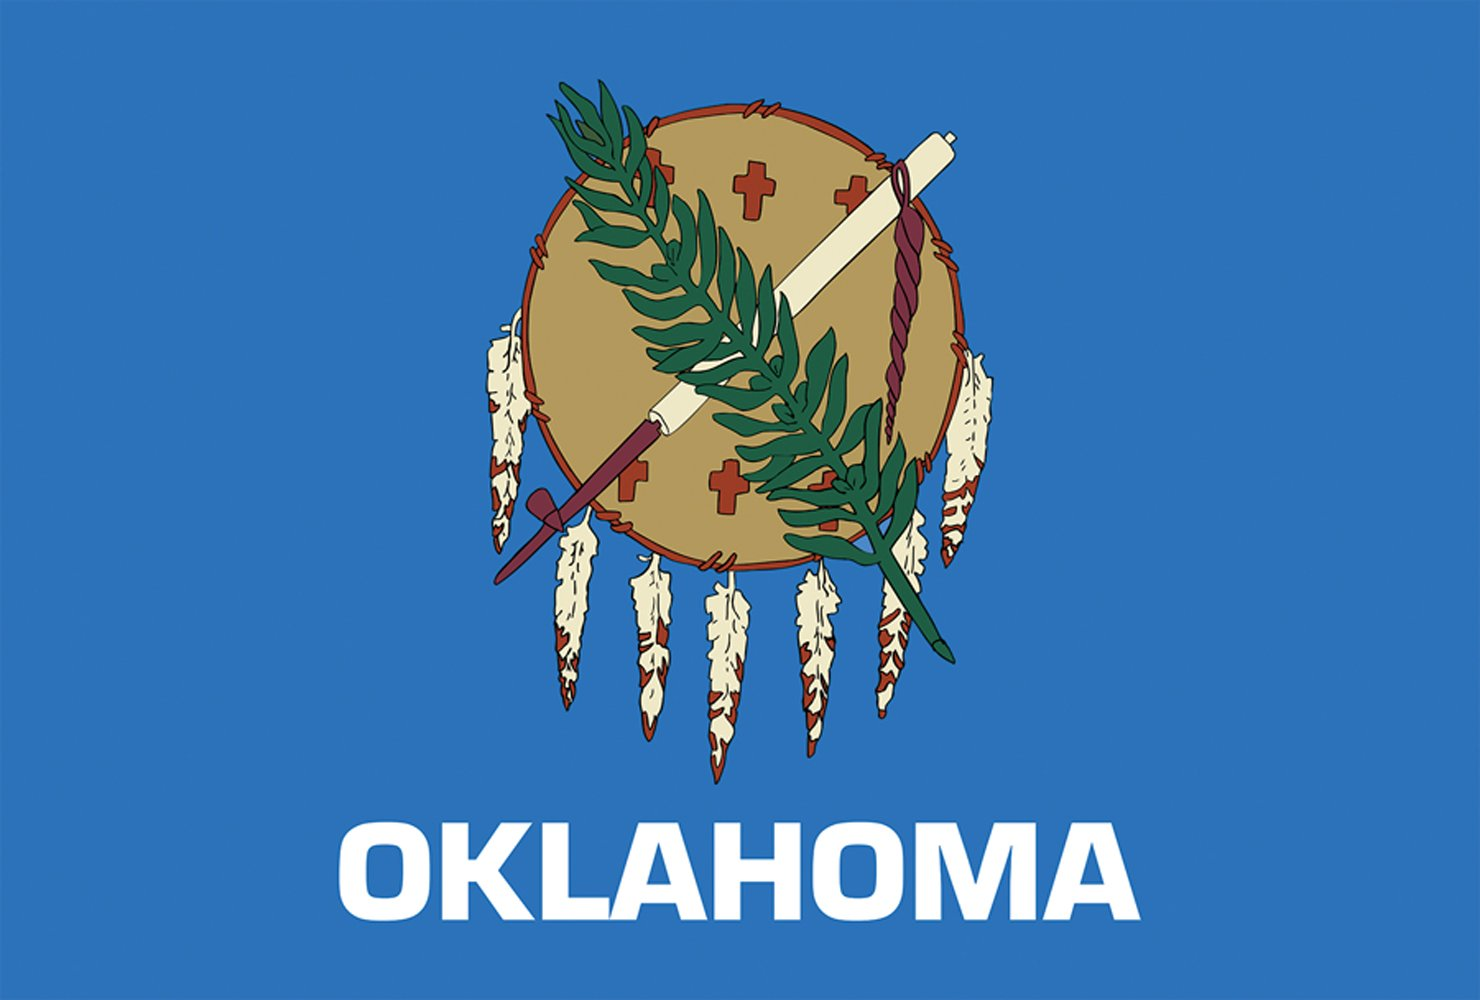 Toland Home Garden Oklahoma State Flag 12.5 x 18 Inch Decorative USA Garden Flag